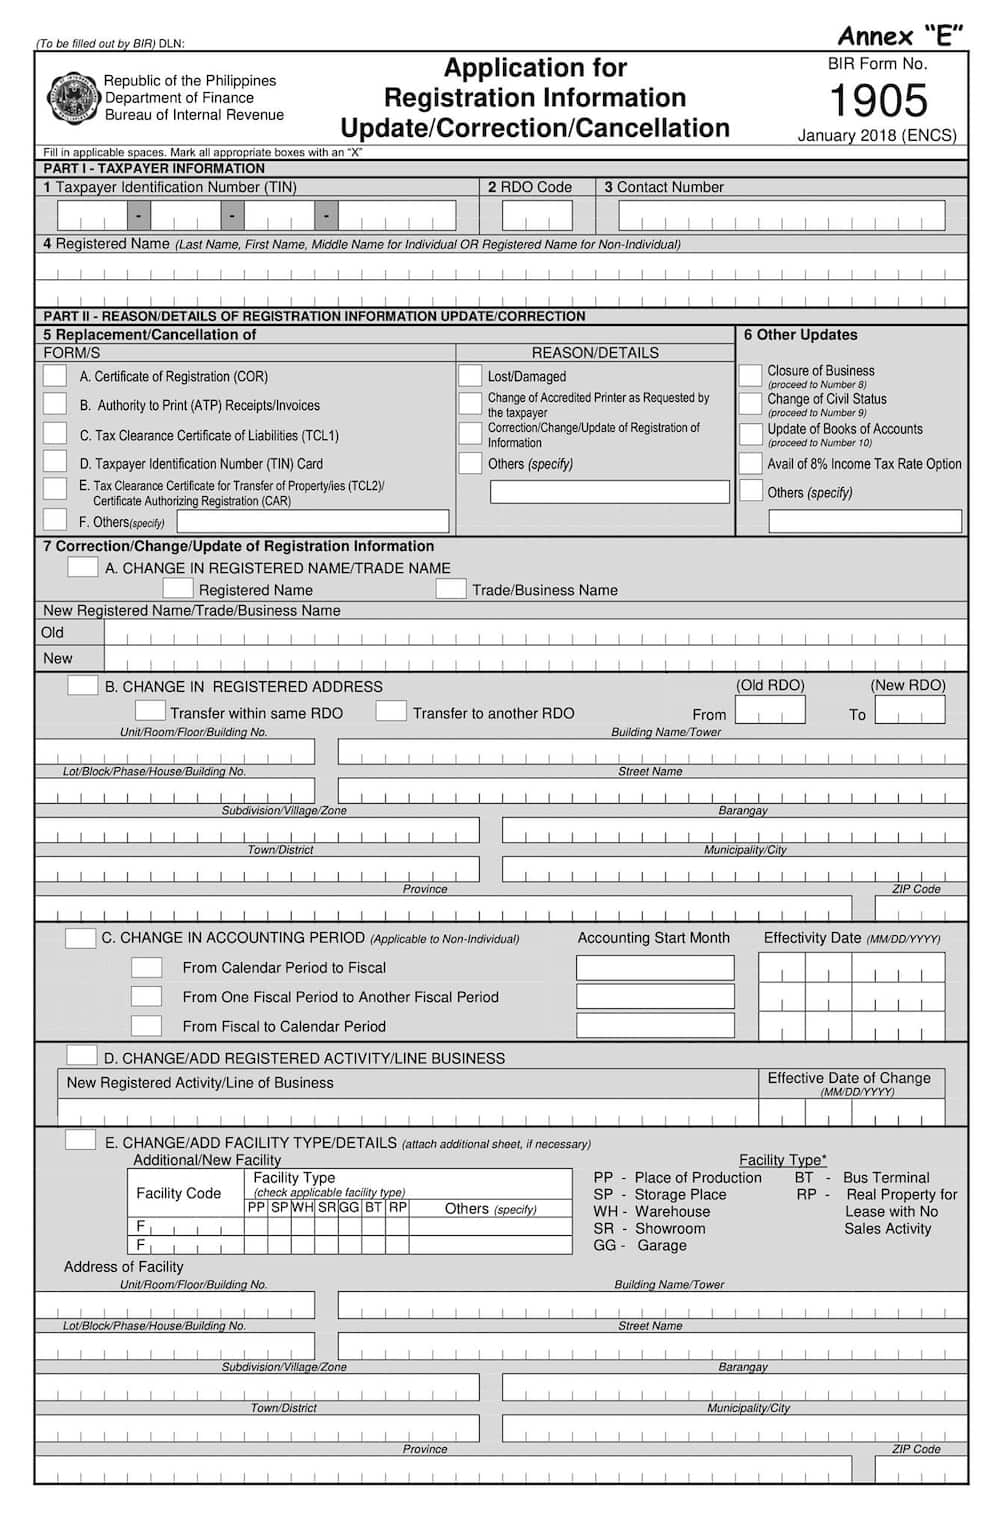 BIR Form 1905